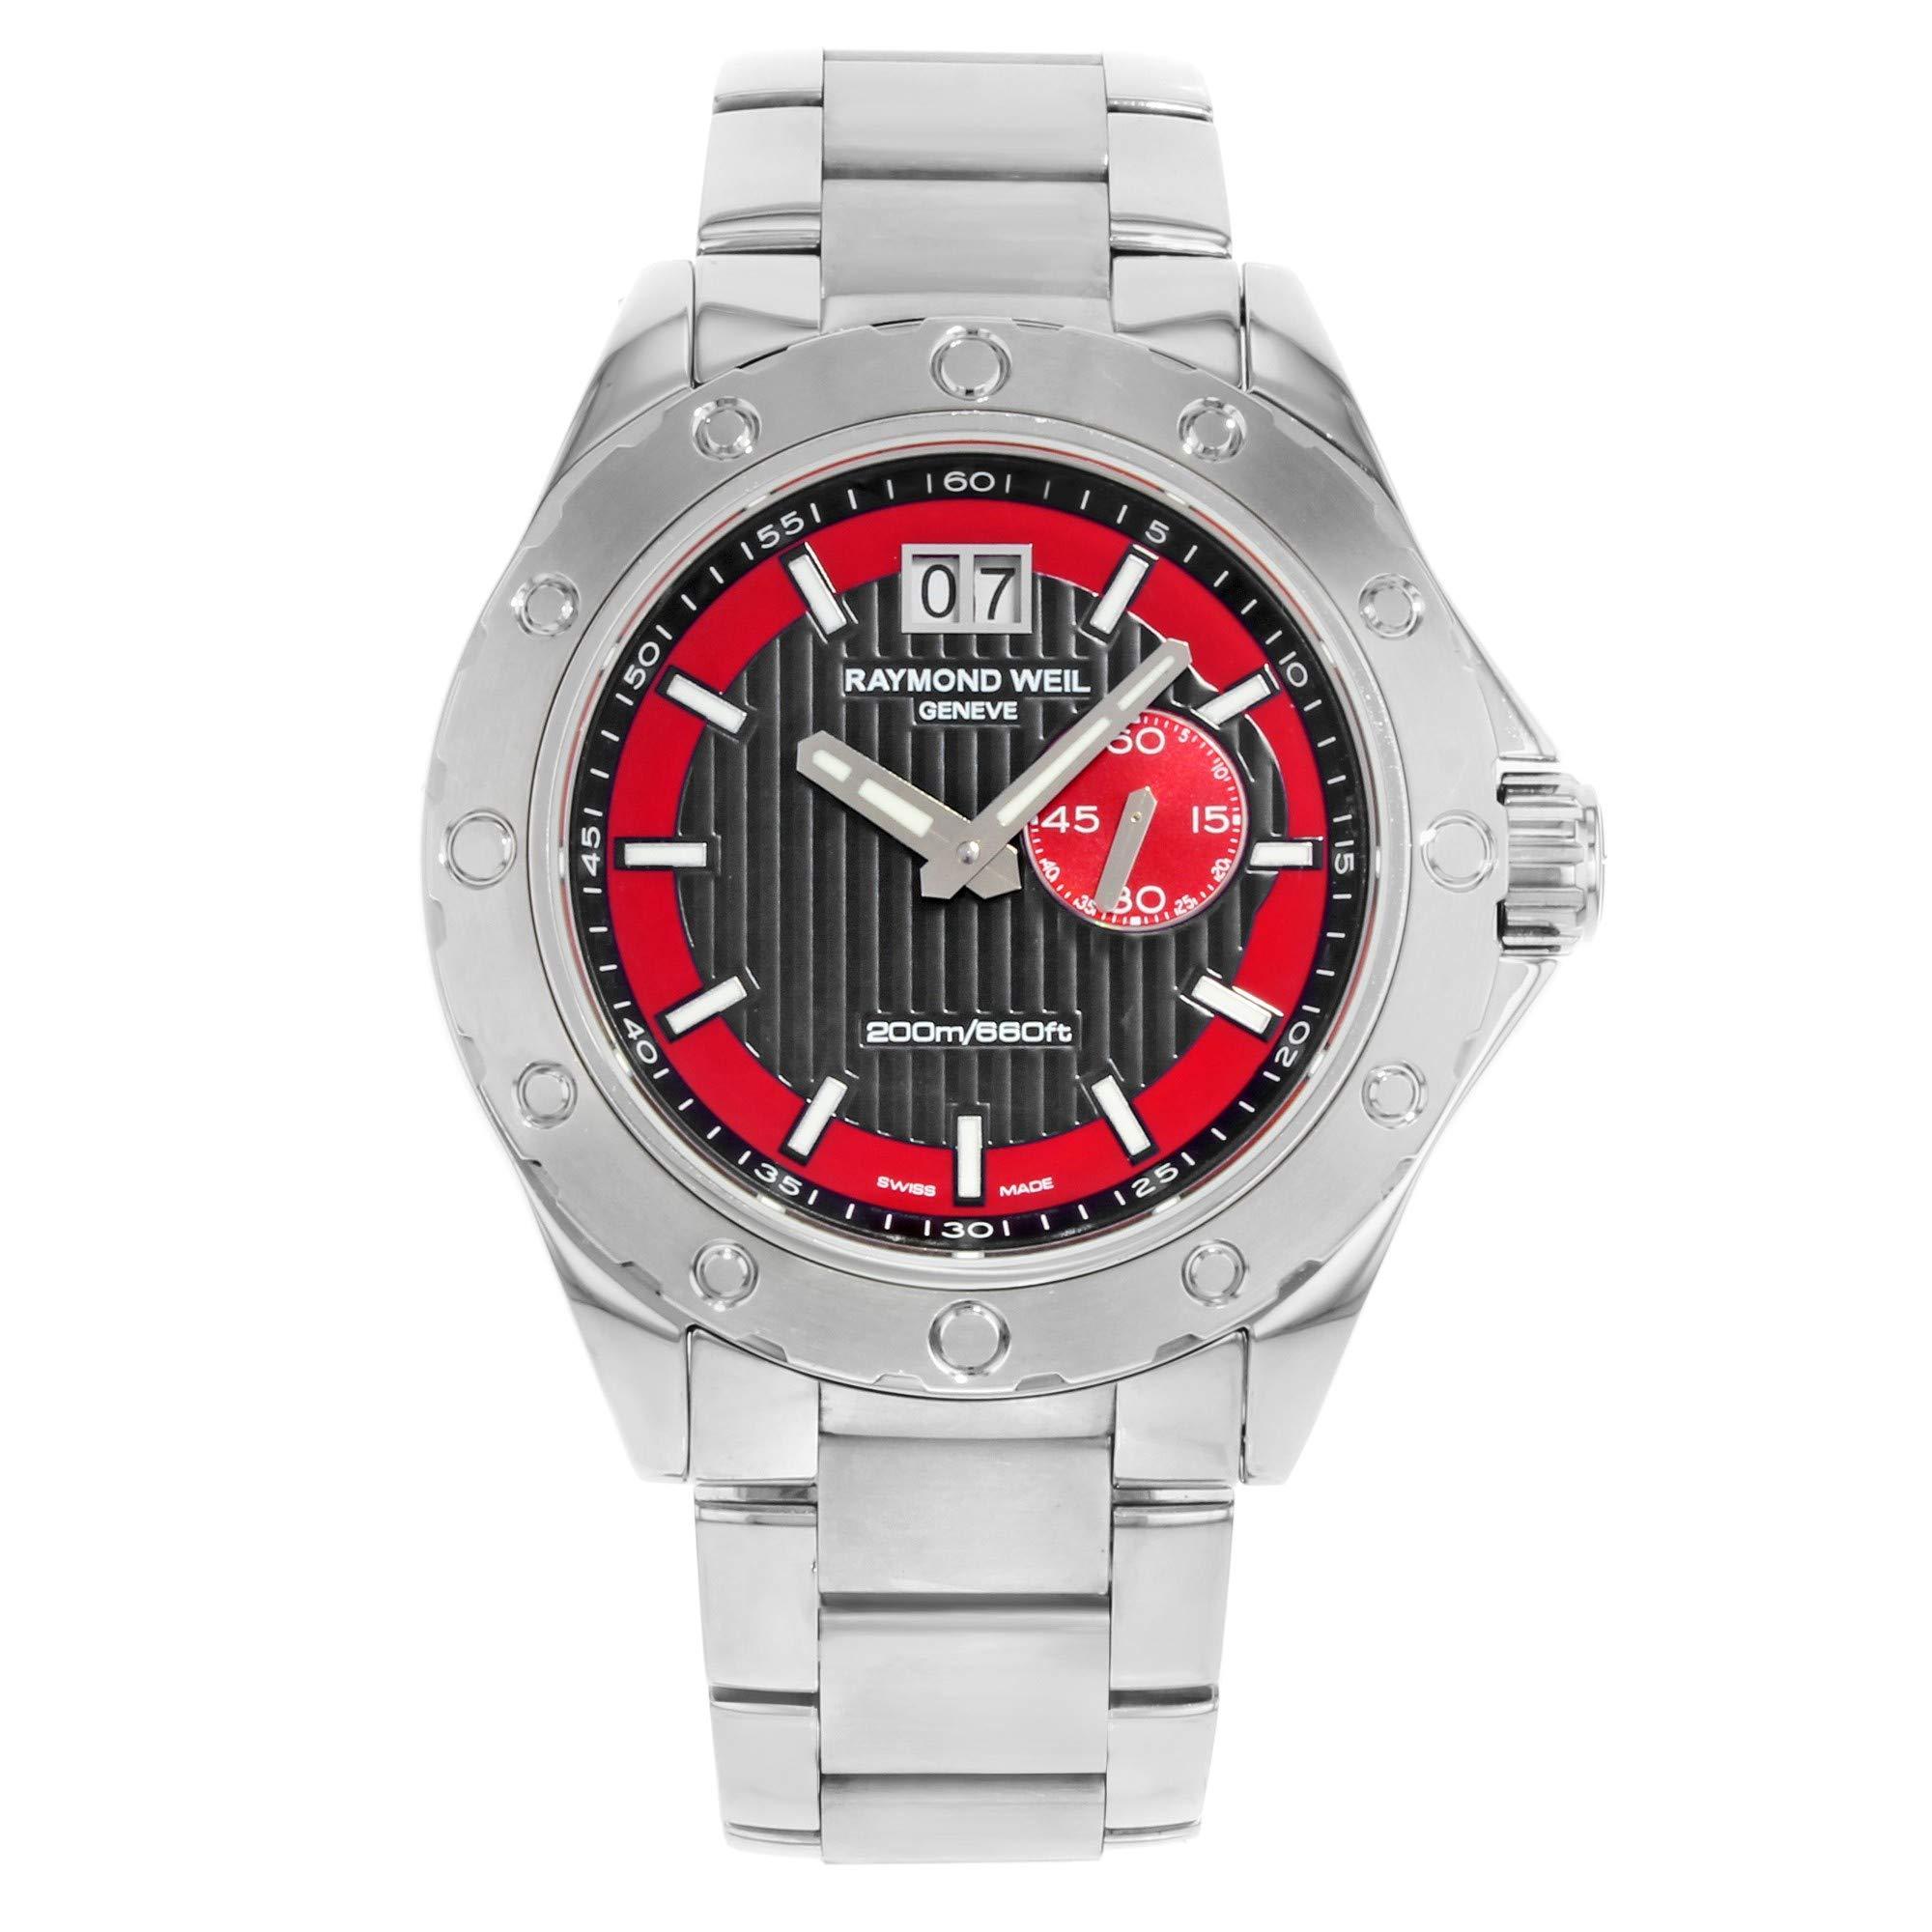 Raymond Weil RW Sport Quartz Male Watch 8300-ST-20041 (Certified Pre-Owned)